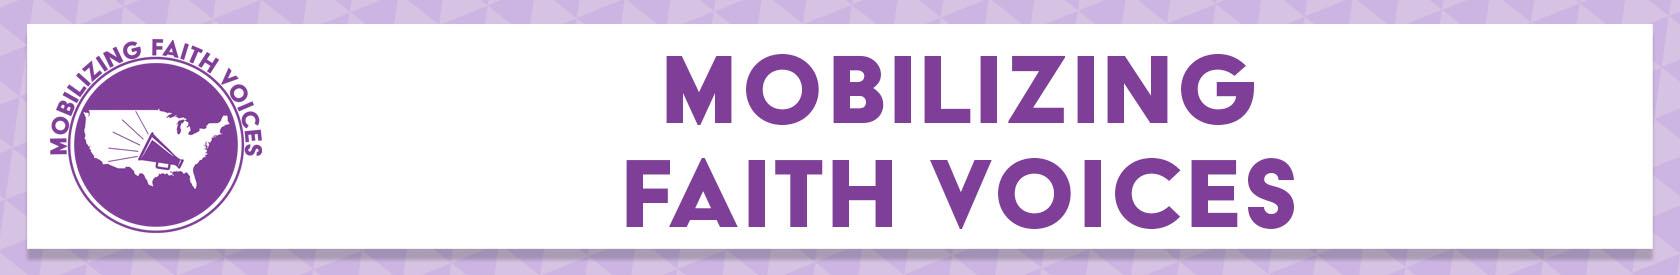 Mobilizing Faith Voices